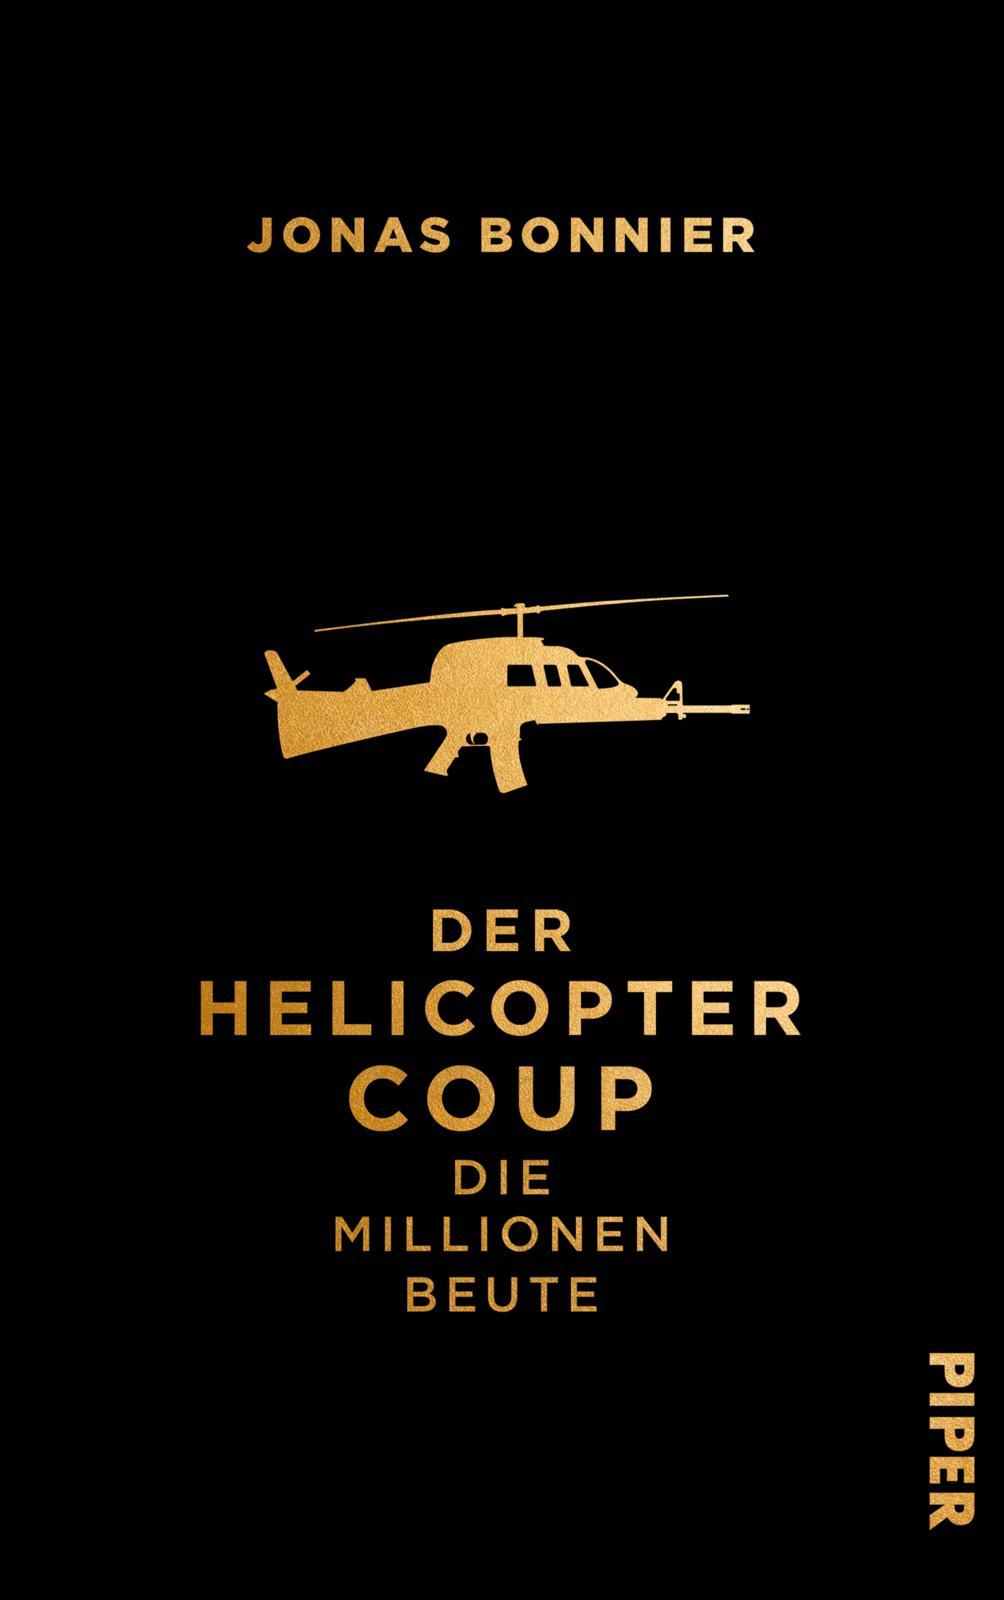 chop Helikopter-10003114